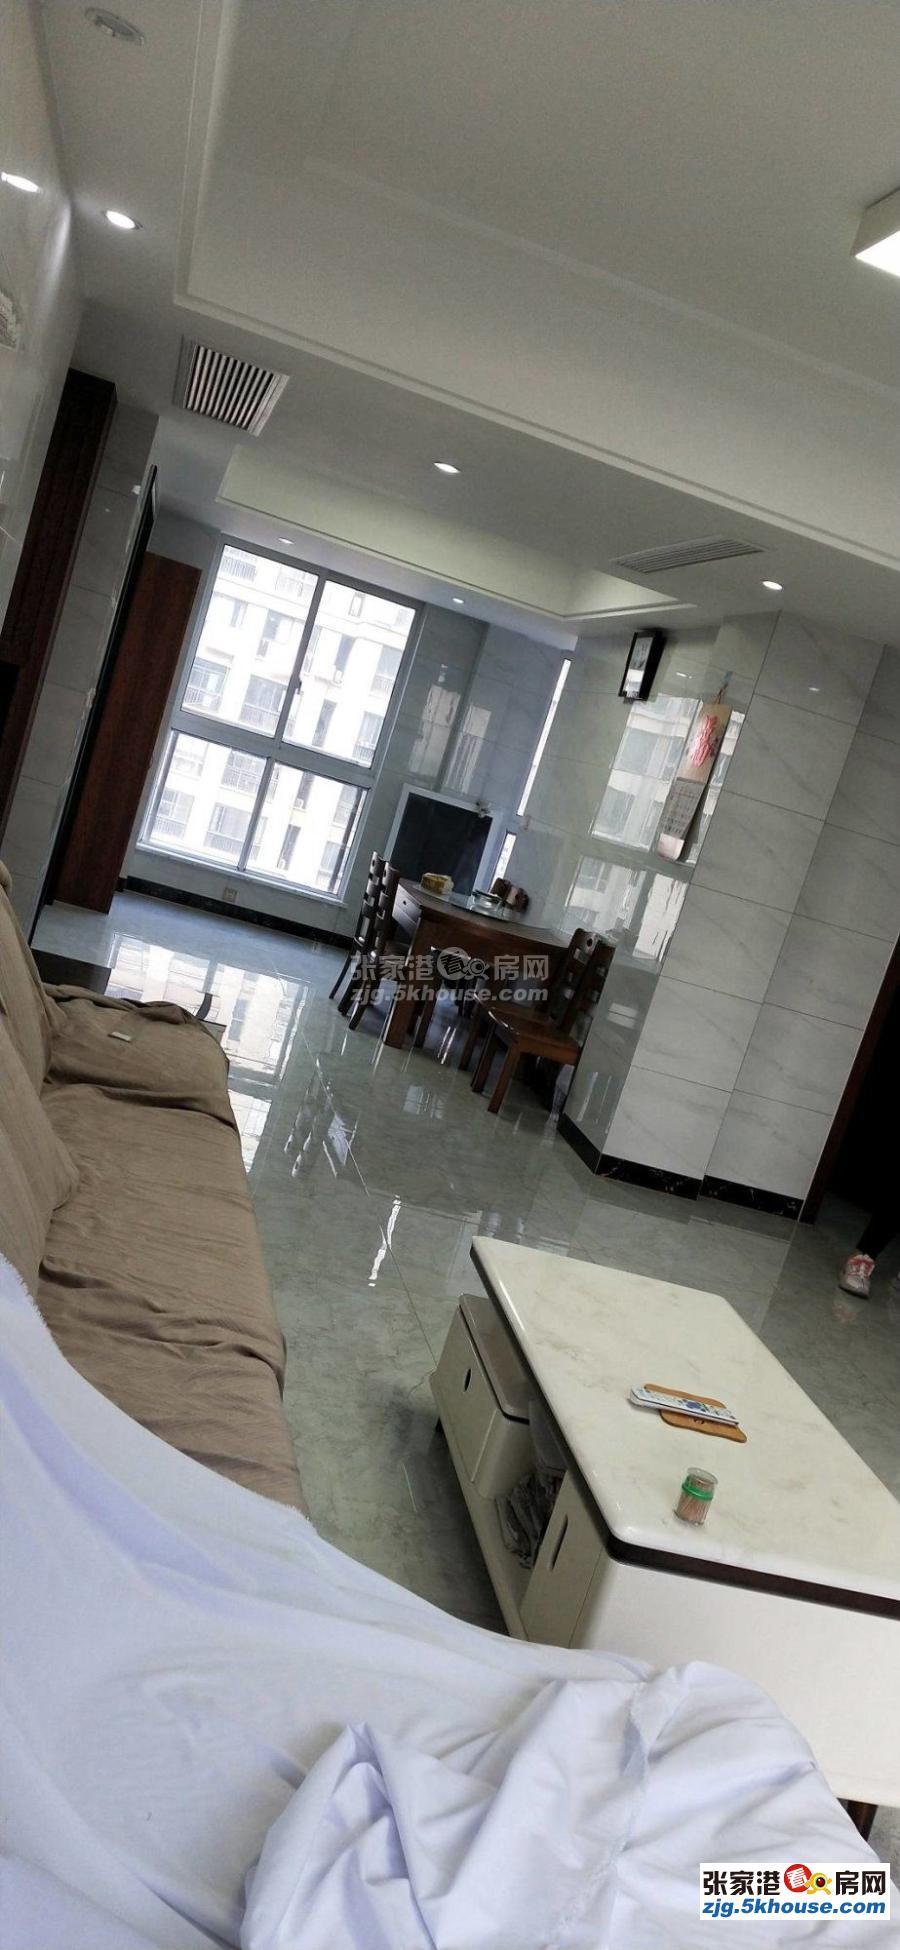 旺西花苑  三室两厅 精装修,家电器齐 拎包入住全随时看房,